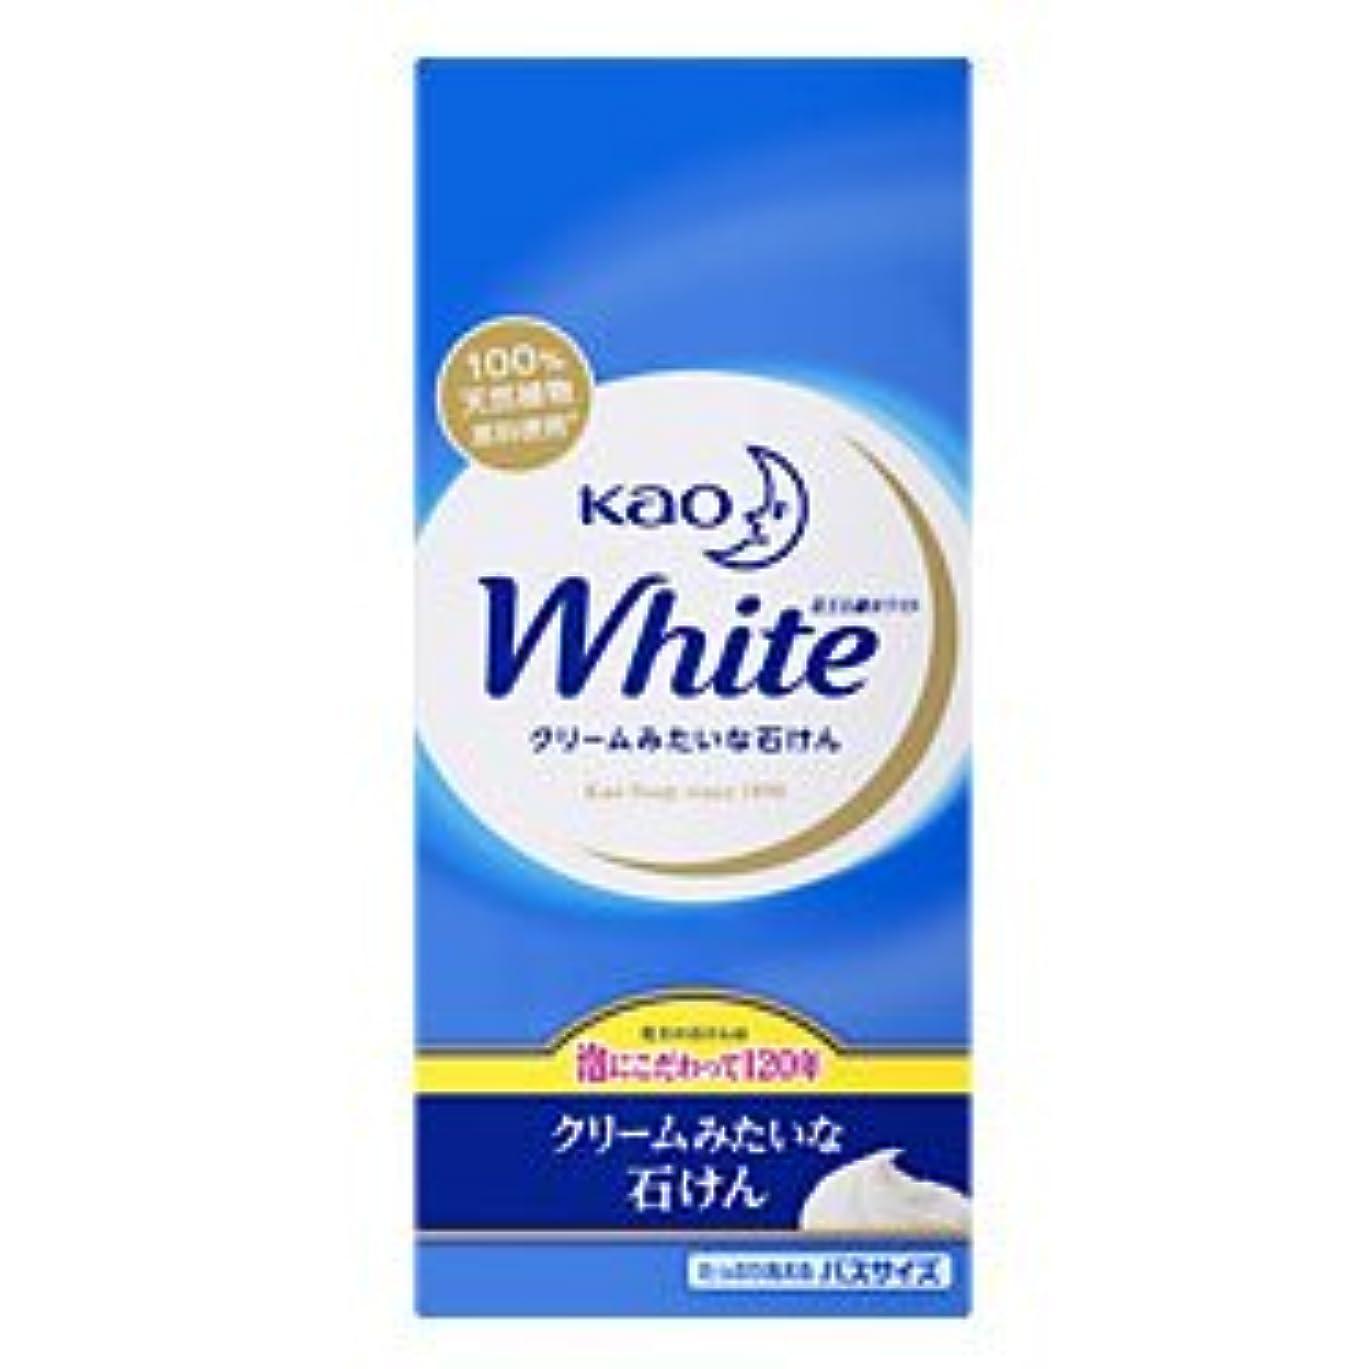 連隊試み操る【花王】花王ホワイト バスサイズ 130g×6個 ×10個セット